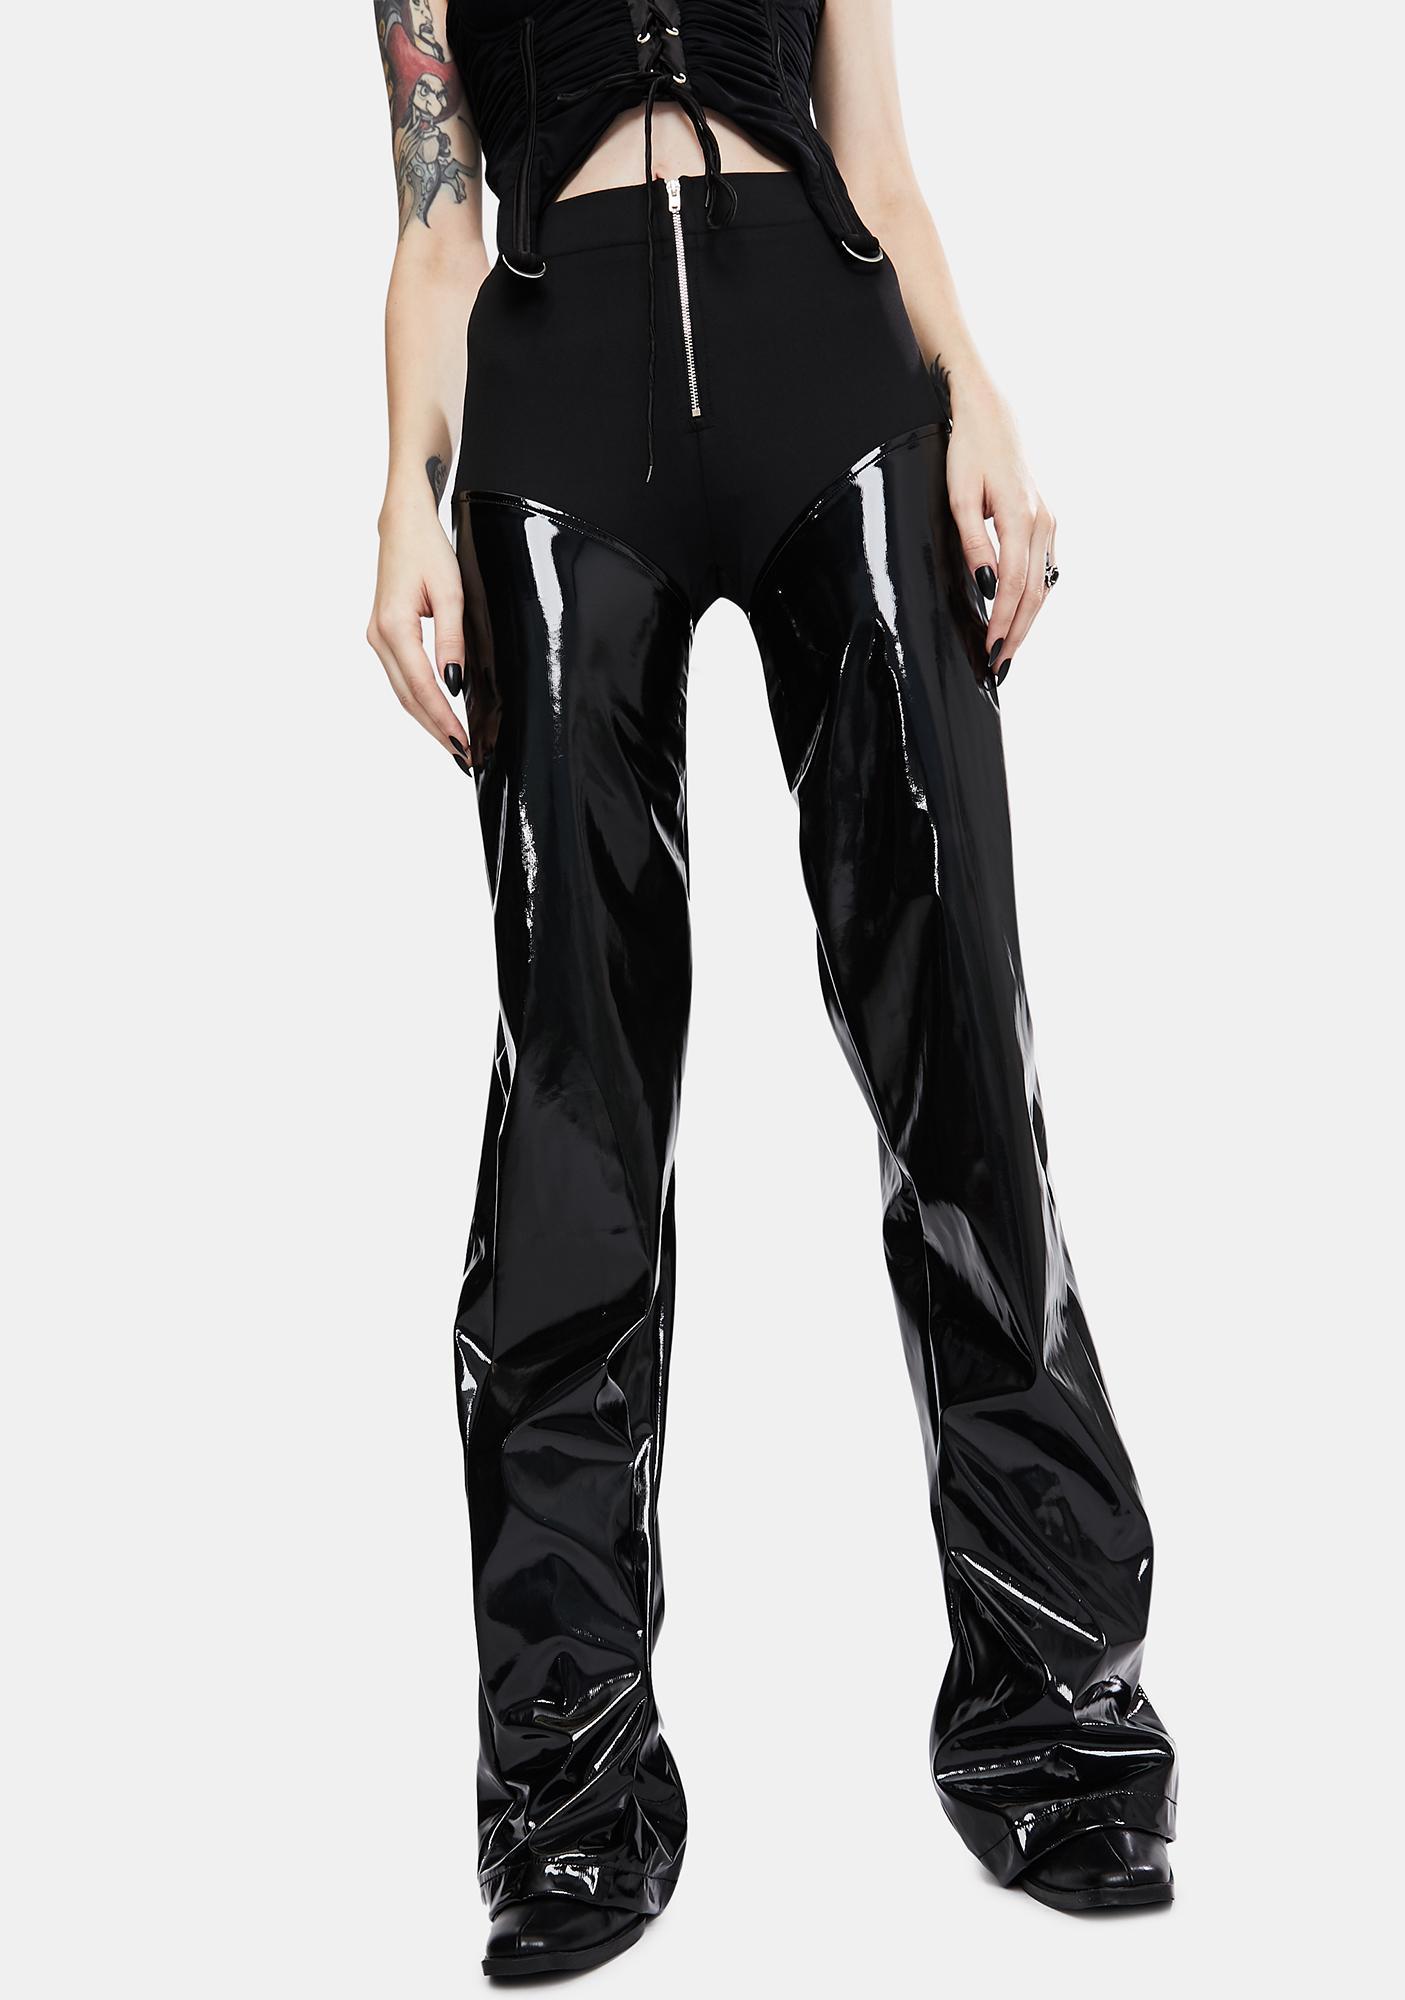 Kiki Riki Black Vinyl Panel Wide Leg Pants